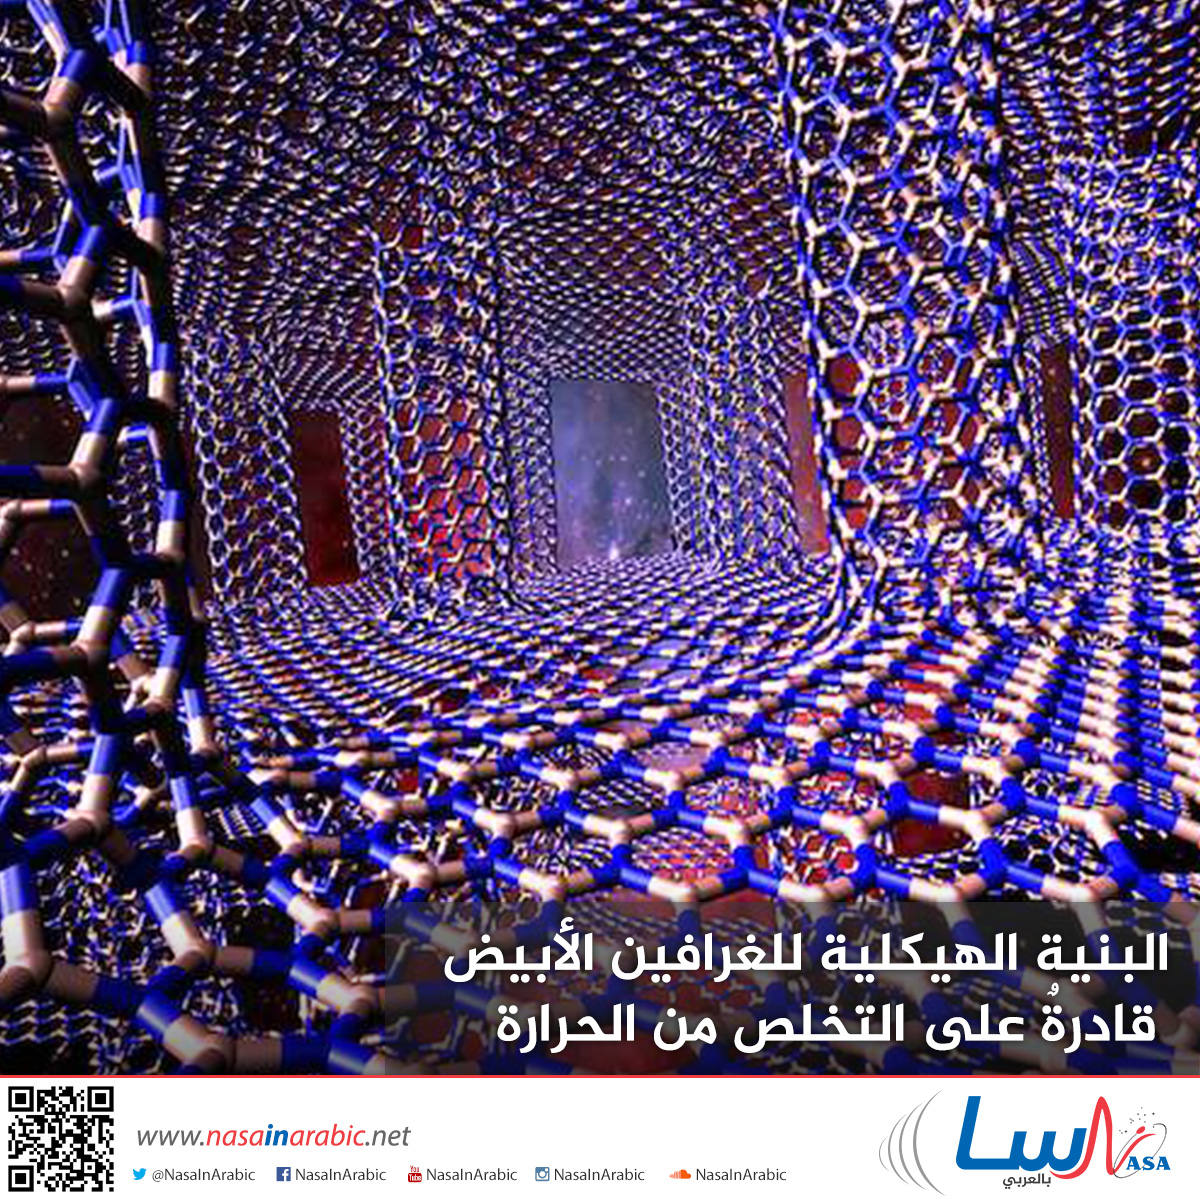 البنية الهيكلية للغرافين الأبيض قادرةٌ على التخلص من الحرارة